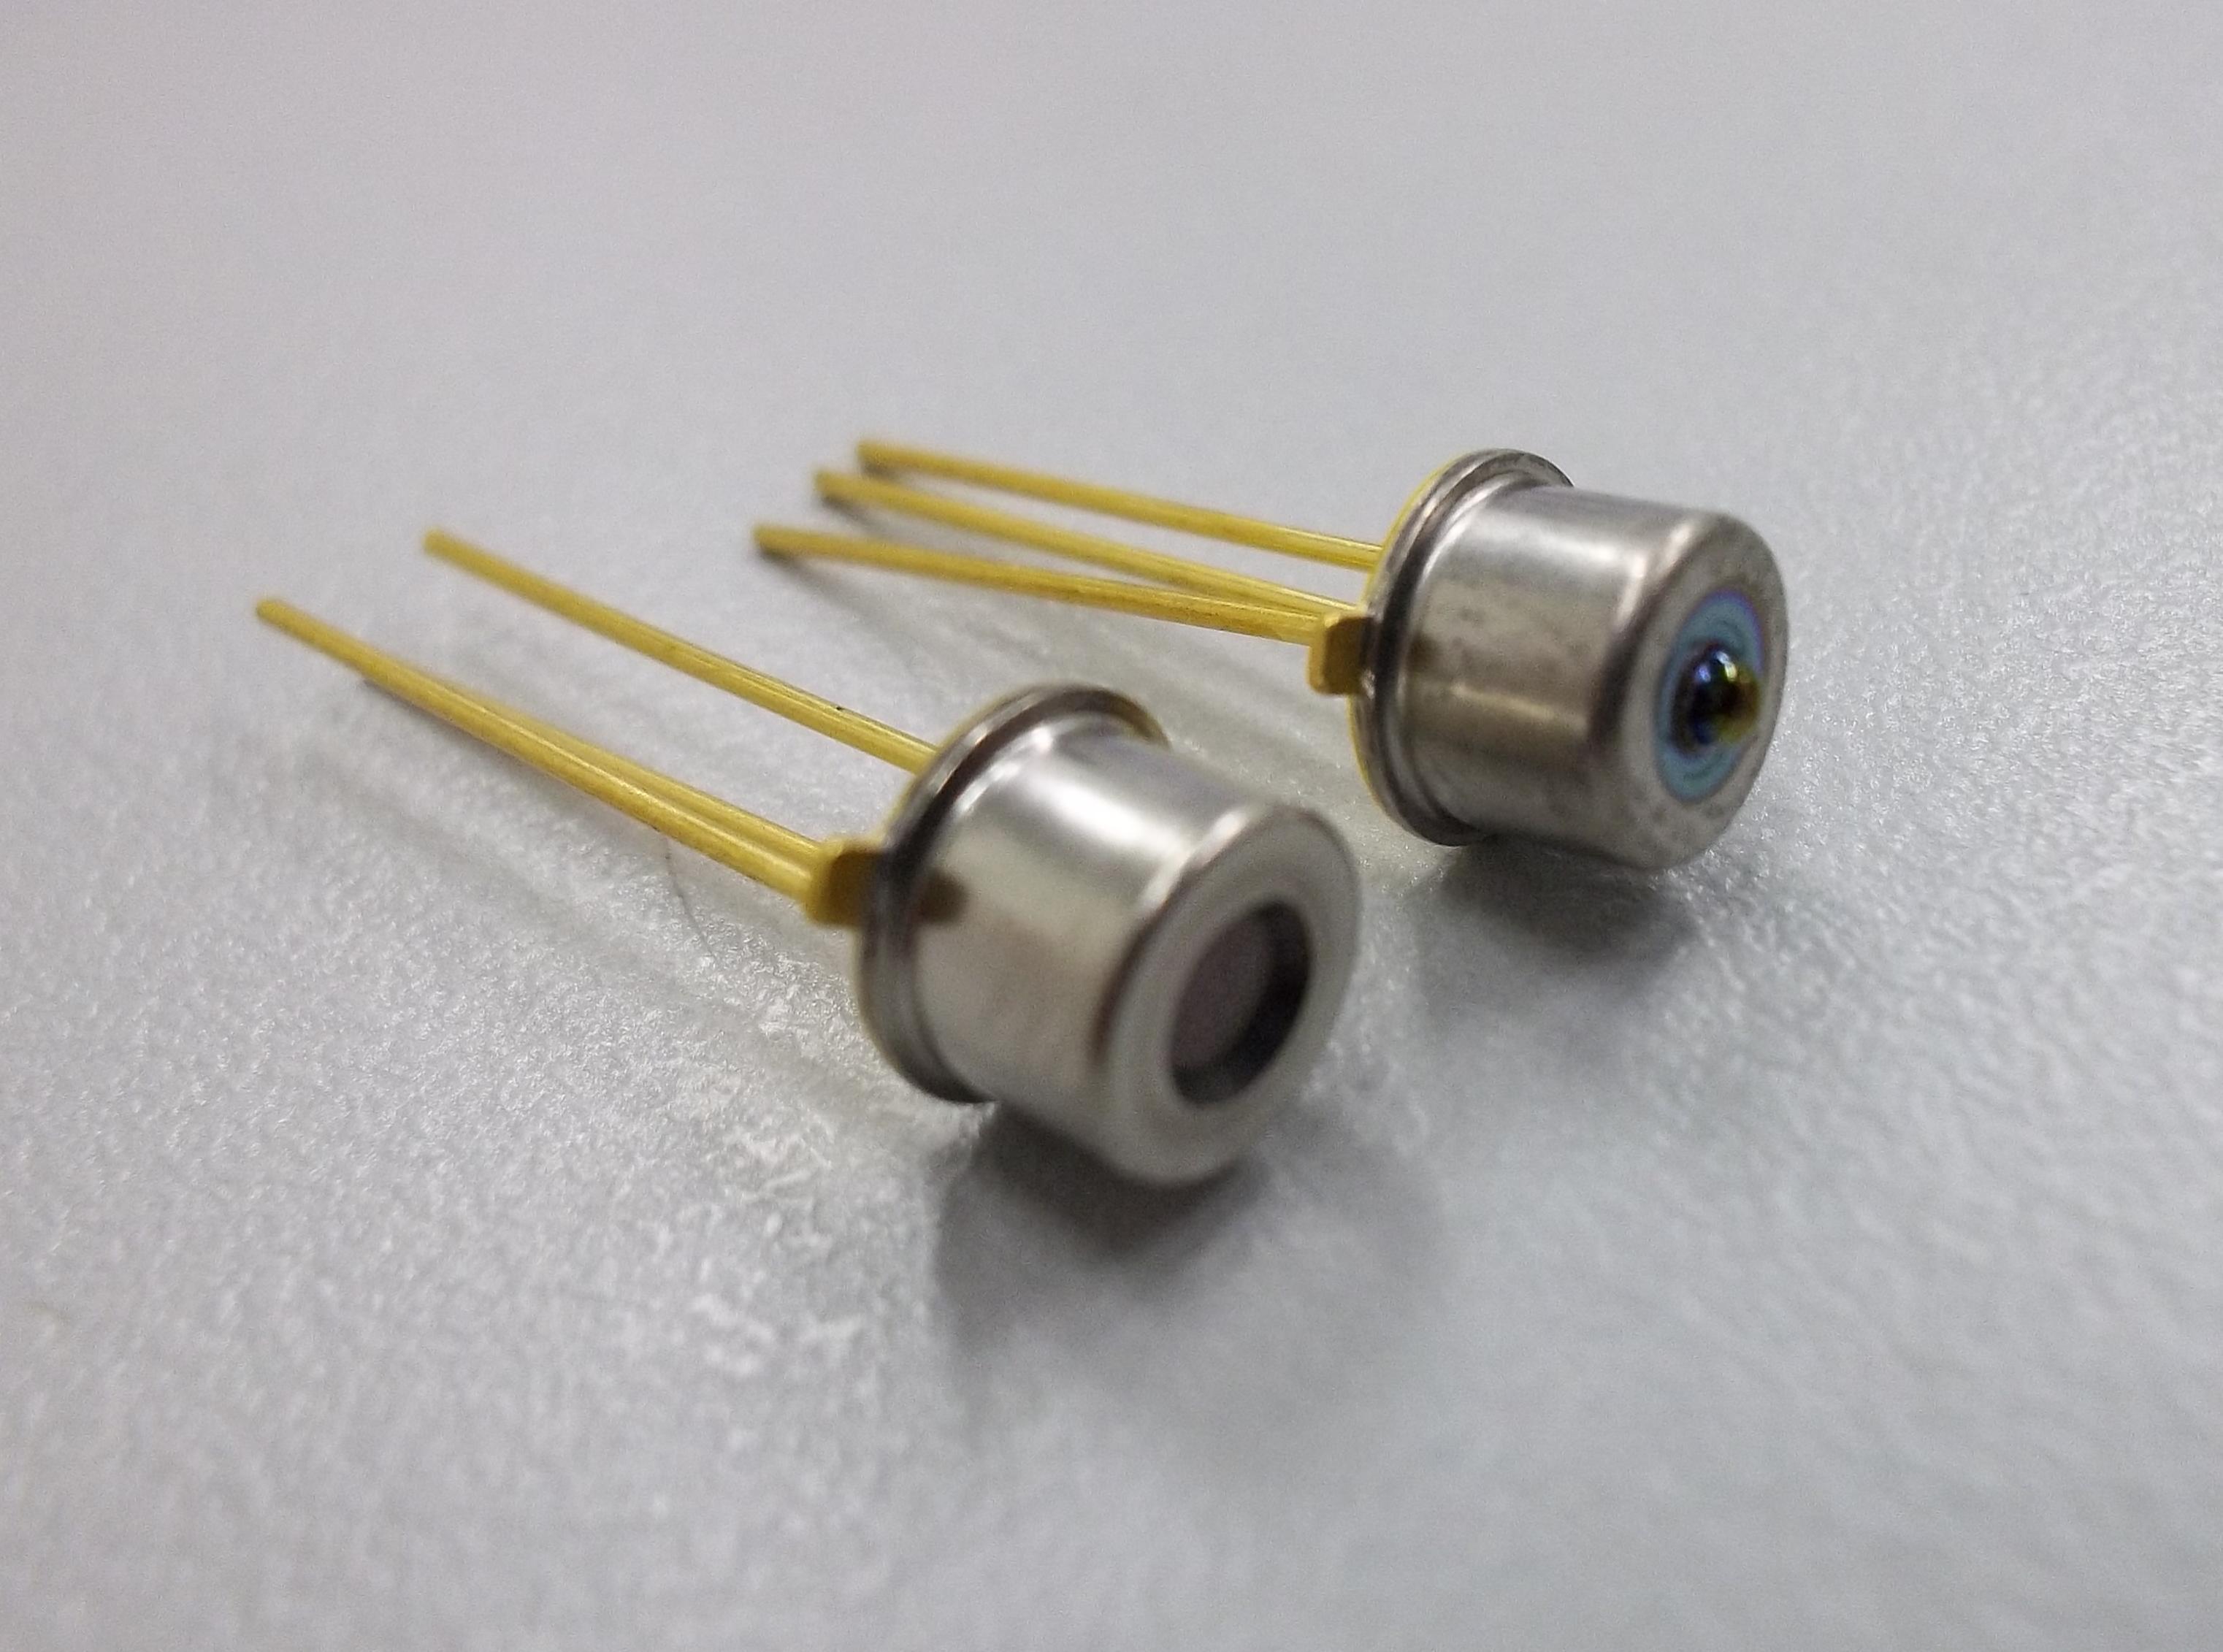 Φ300um光敏面TO46封裝InGaAs光電二極管